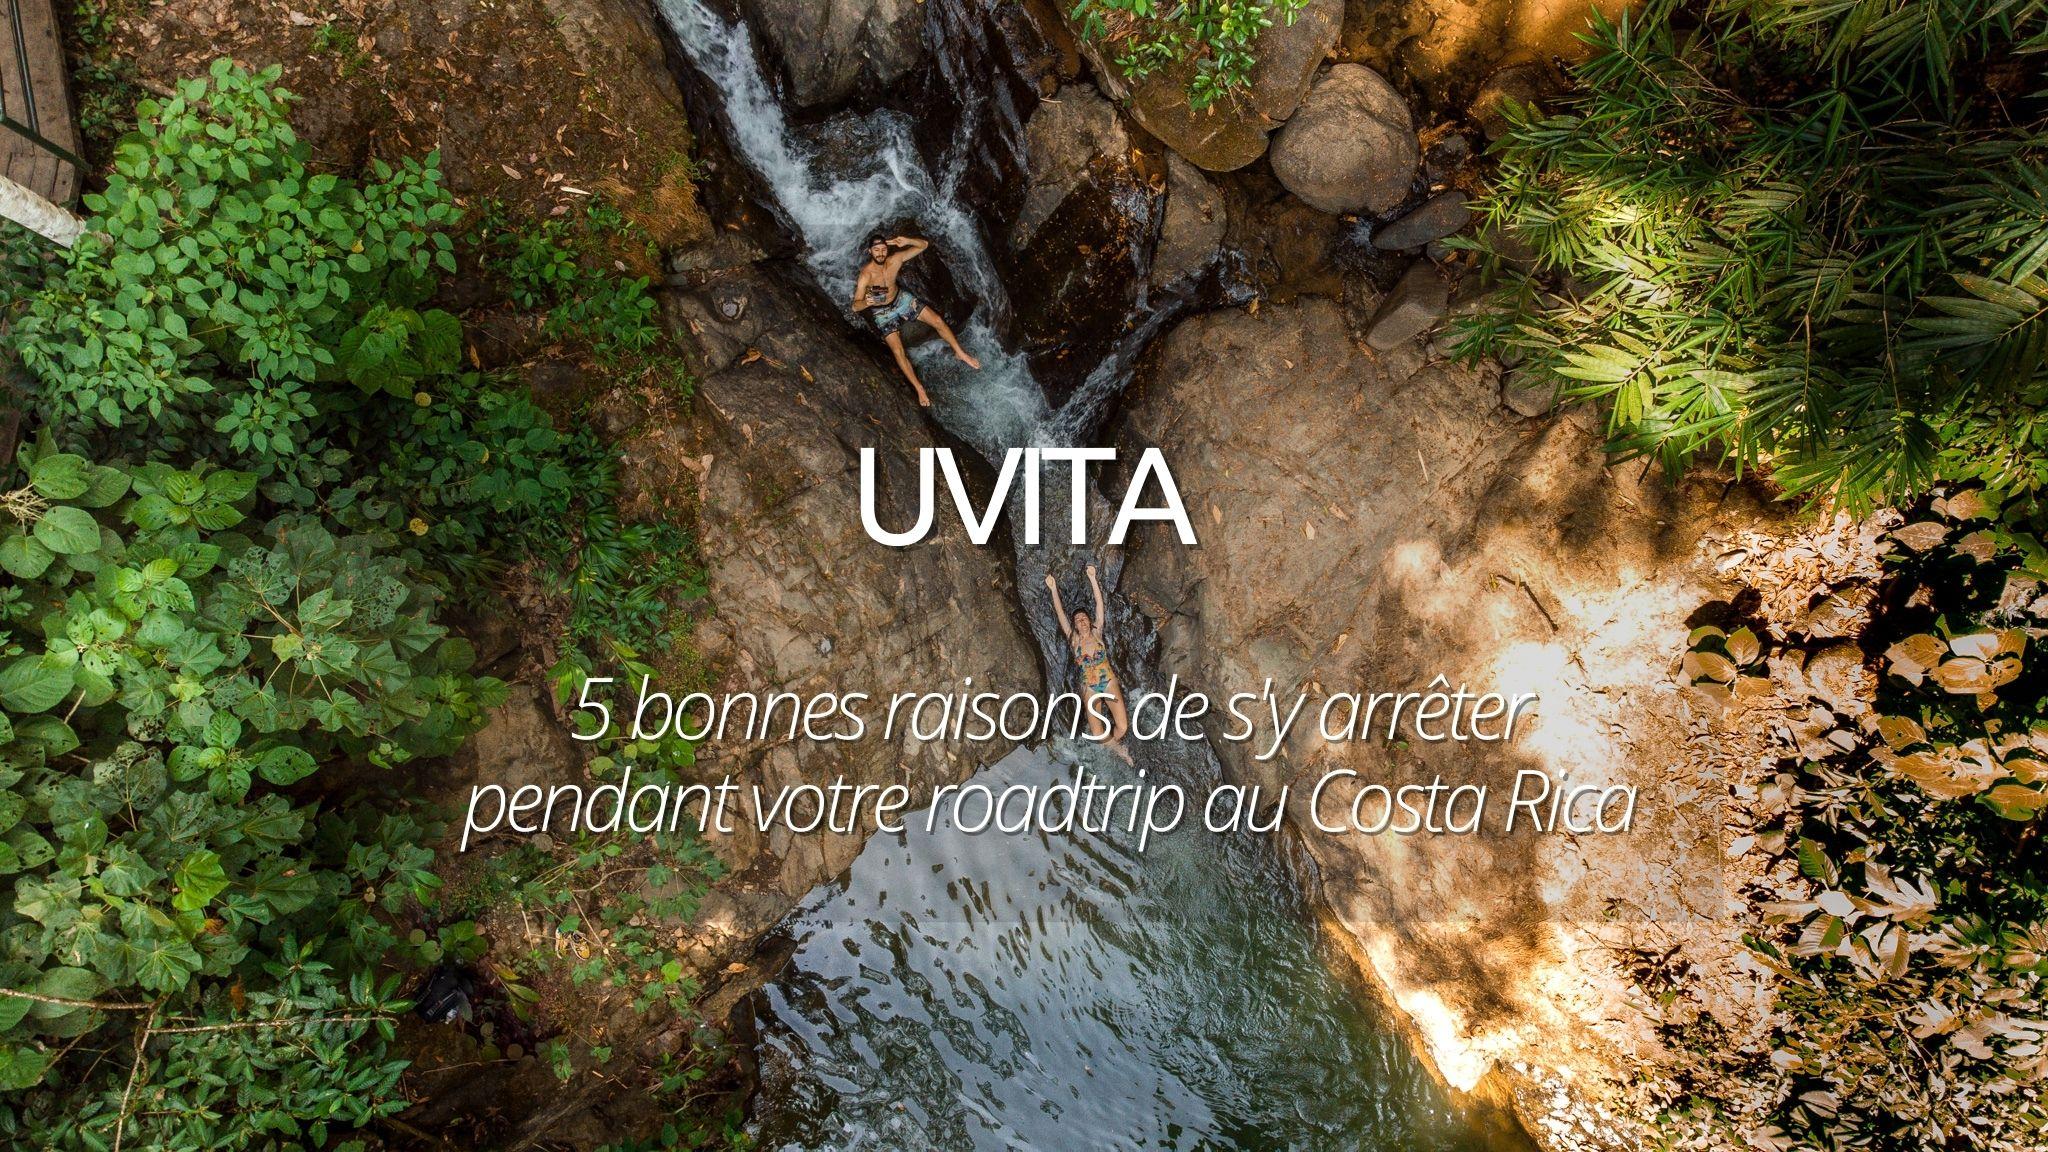 5 bonnes raisons de s'arrêter à Uvita au Costa Rica